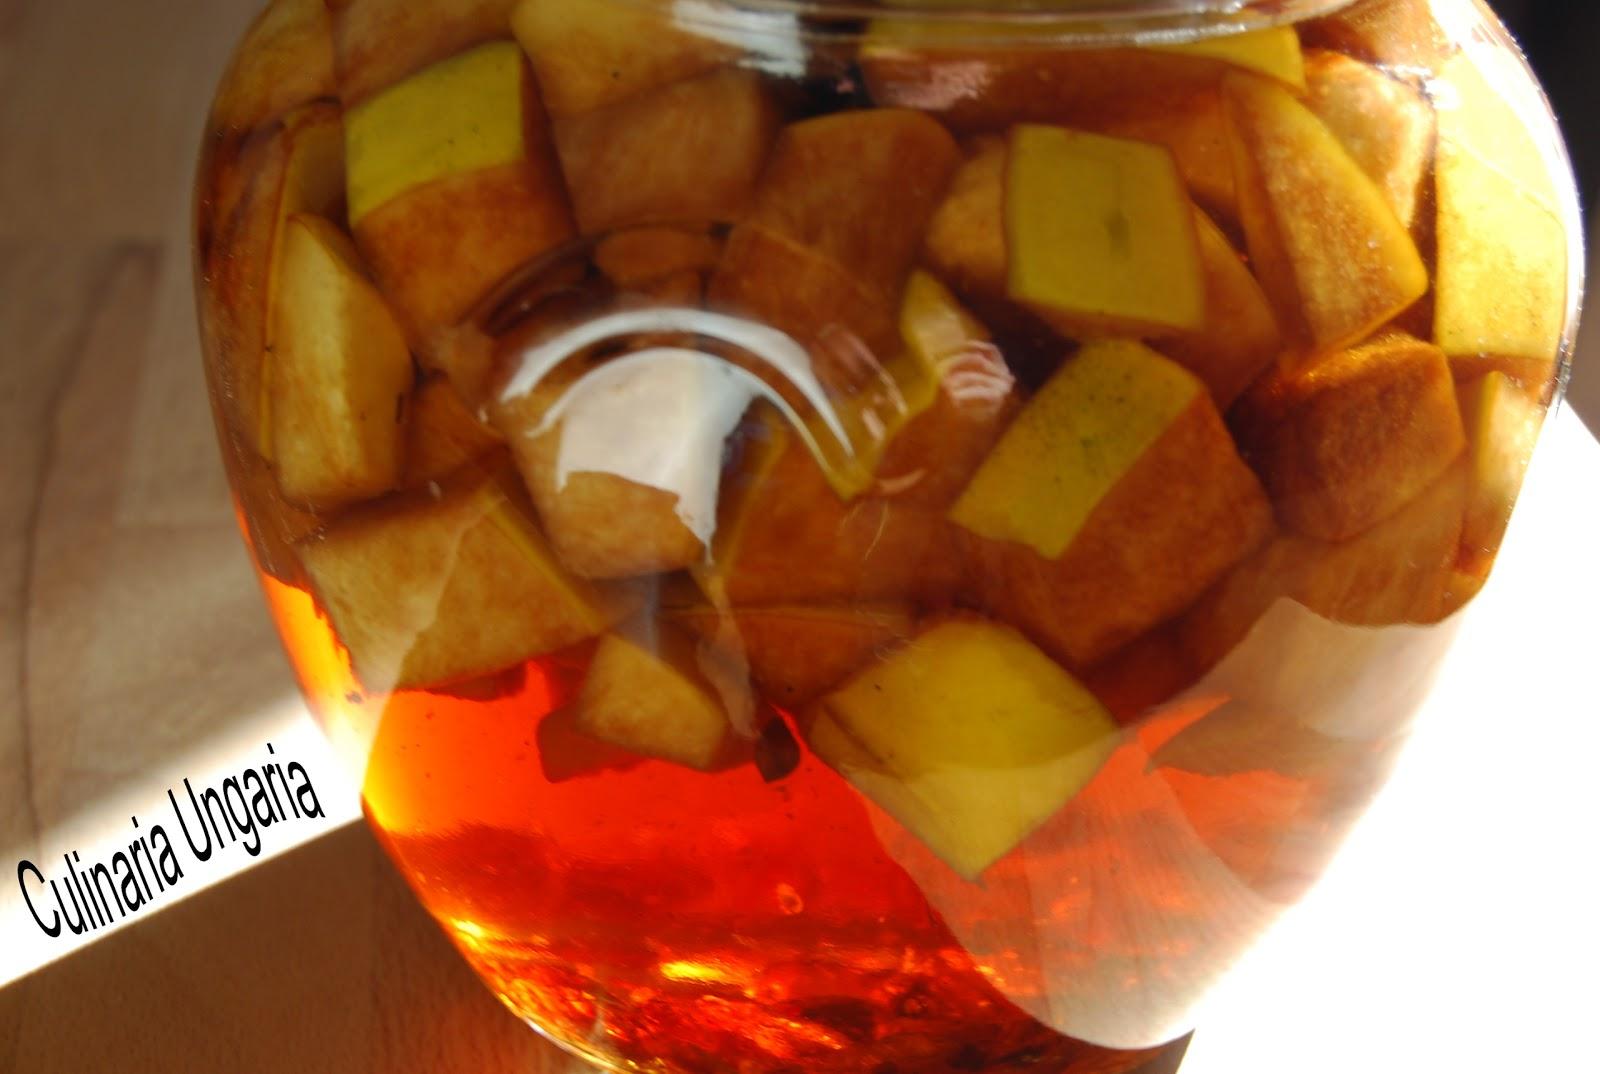 Culinaria Ungaria: Test: Selbstgemachter Quitten-Likör